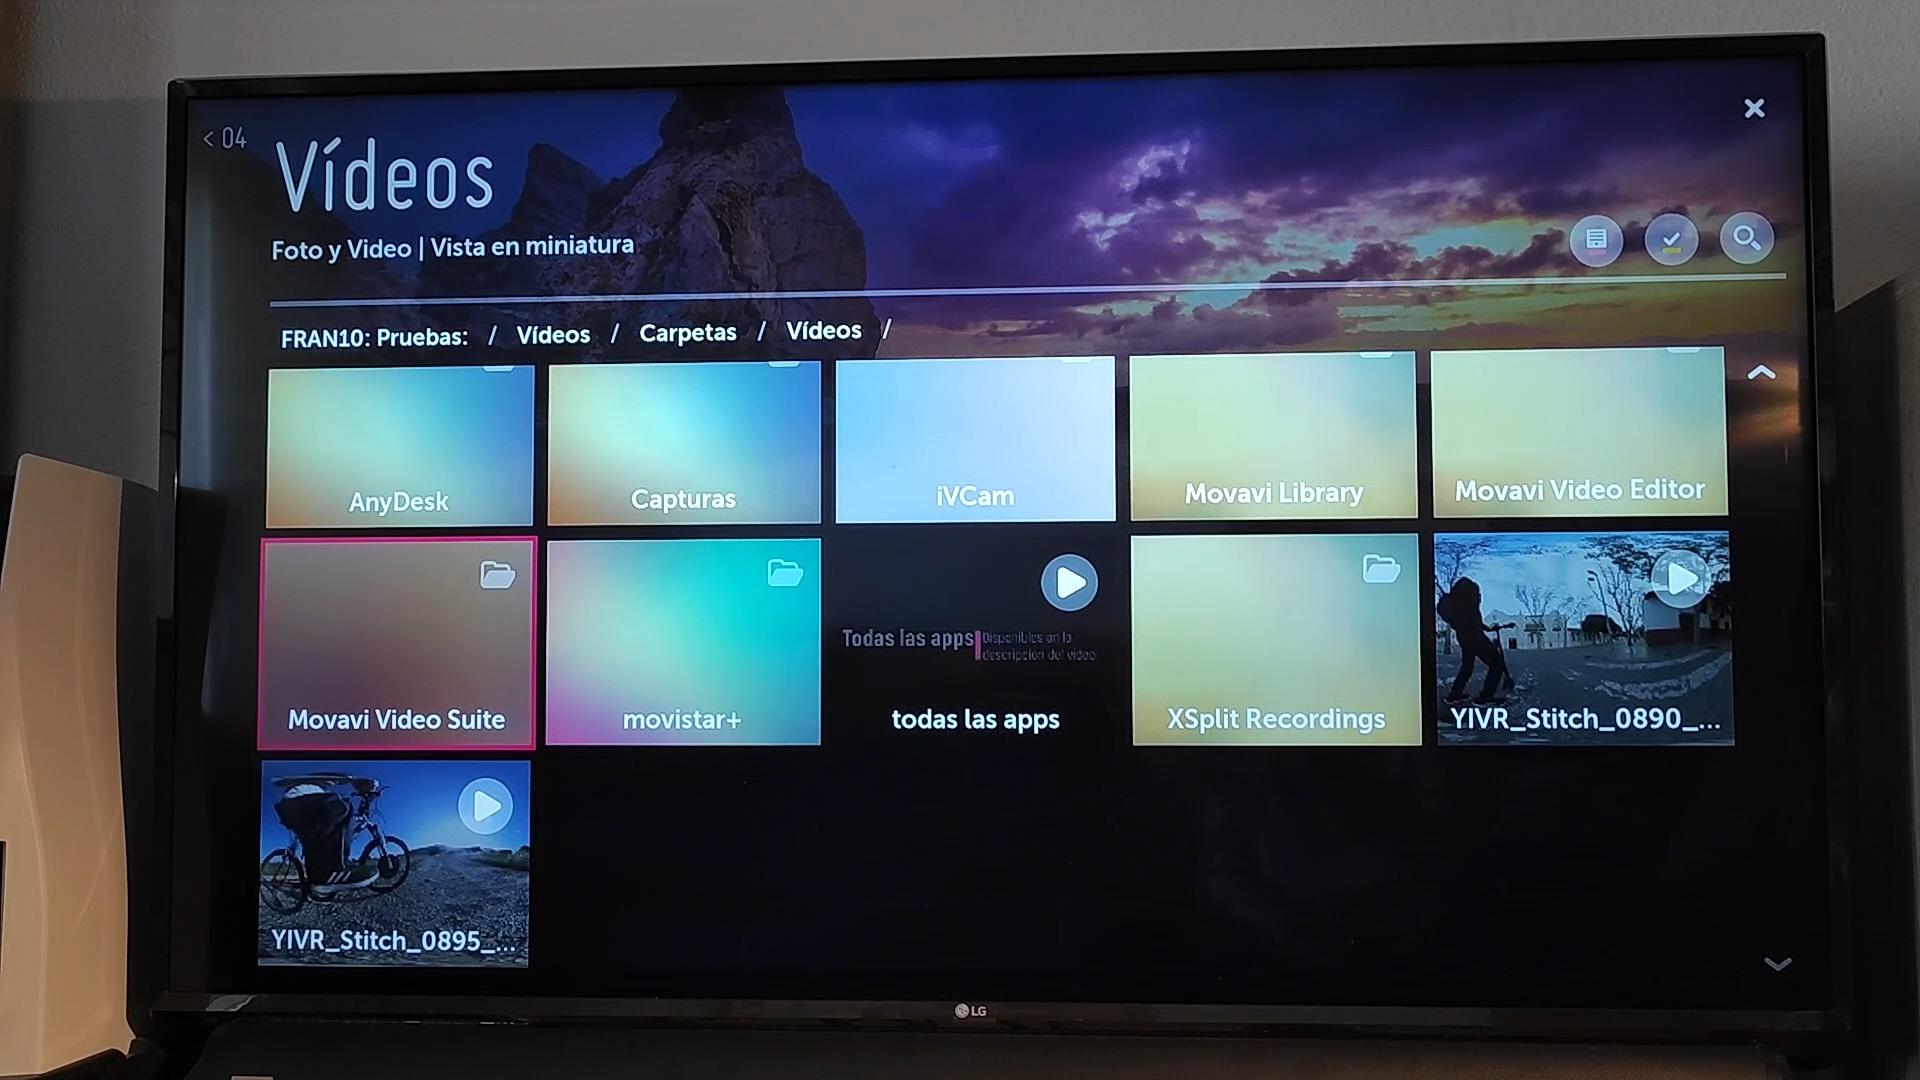 servidor multimedia windows a smarttv